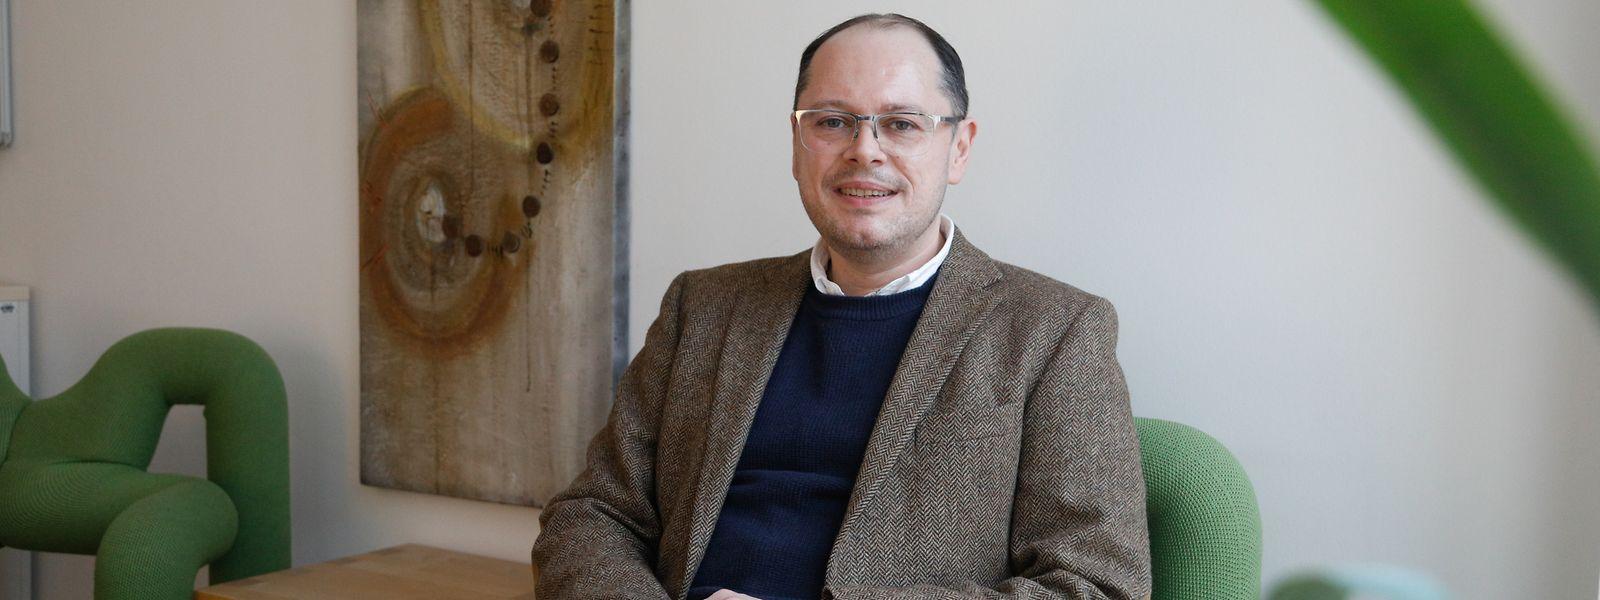 Gilles Michaux ist promovierter Psychologe und ausgebildeter Psychotherapeut. Er arbeitet seit 2011 im Gesondheetszentrum der Fondation Hôpitaux Robert Schuman.